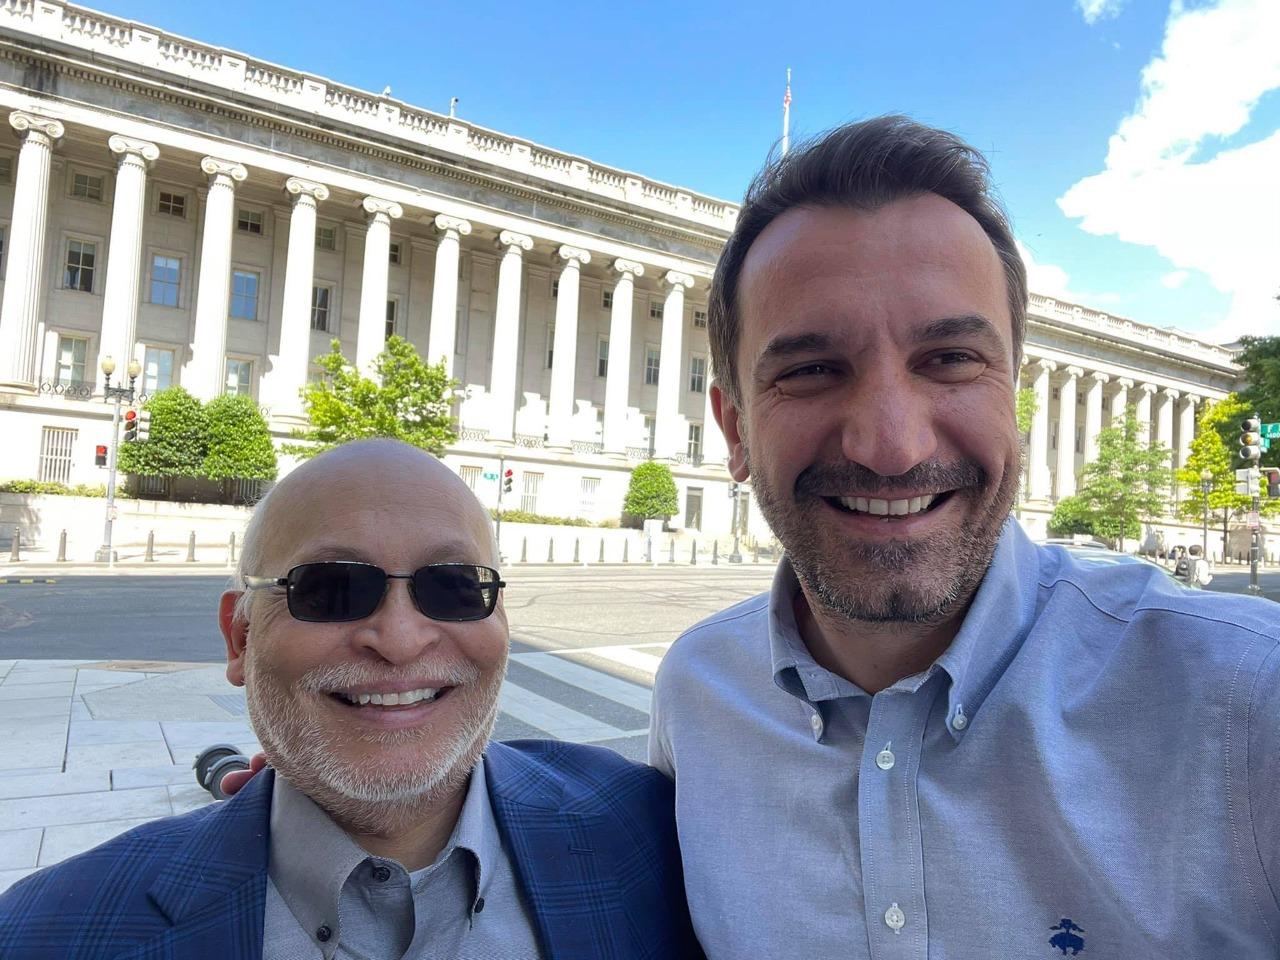 Veliaj vizitë në Washington, takon Arvizu: Mik i vjetër